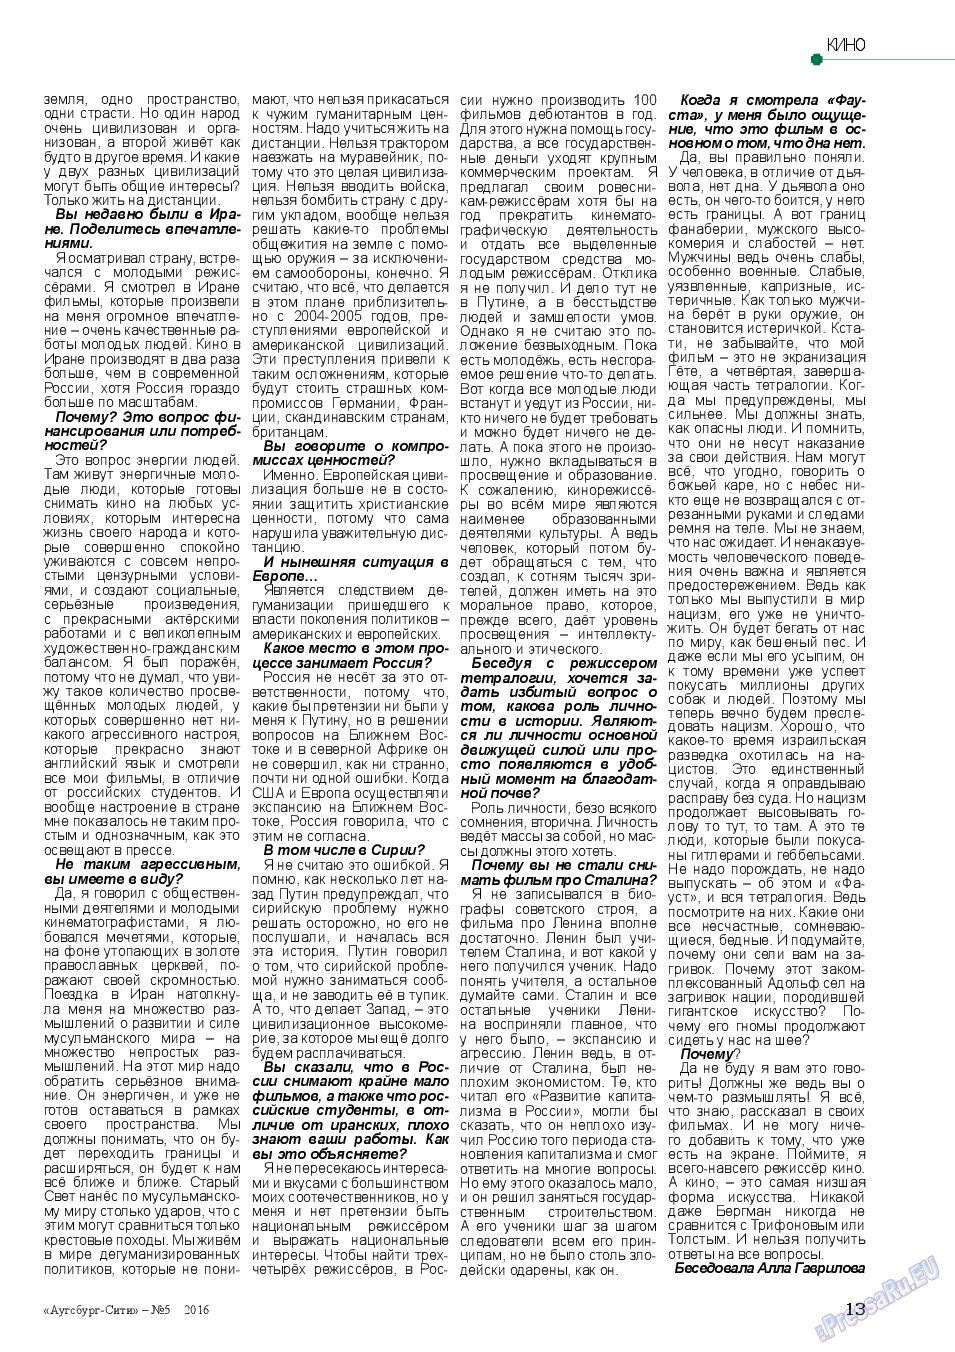 Аугсбург-сити (журнал). 2016 год, номер 5, стр. 13